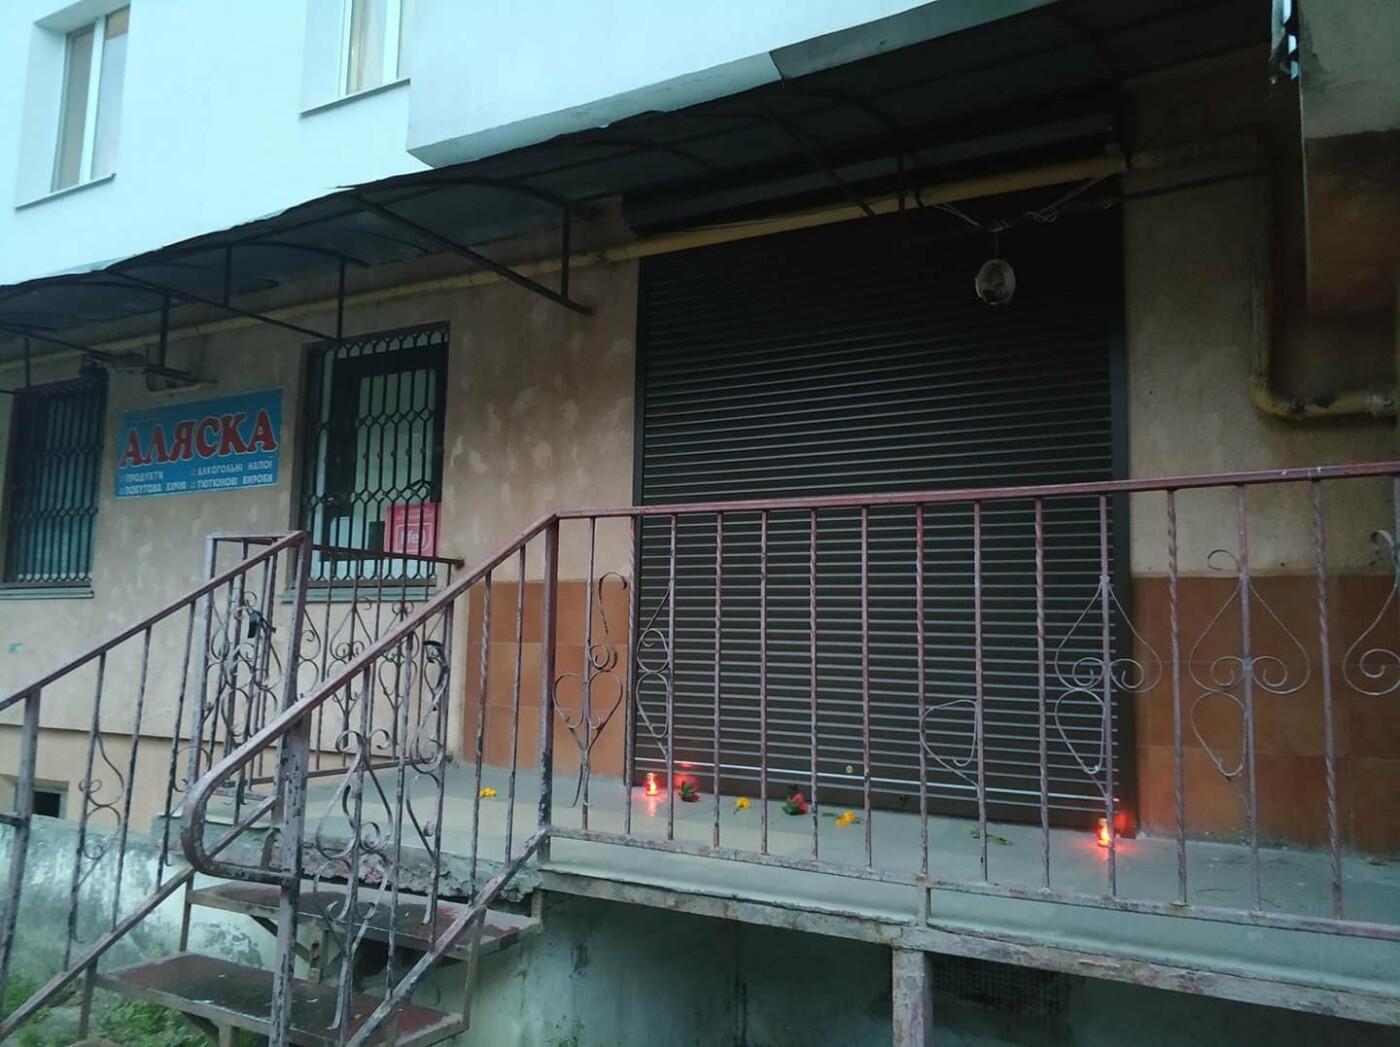 У Тернополі закрили магазин «Аляска», жителі мікрорайону у скорботі (ФОТОСМІХ), фото-2